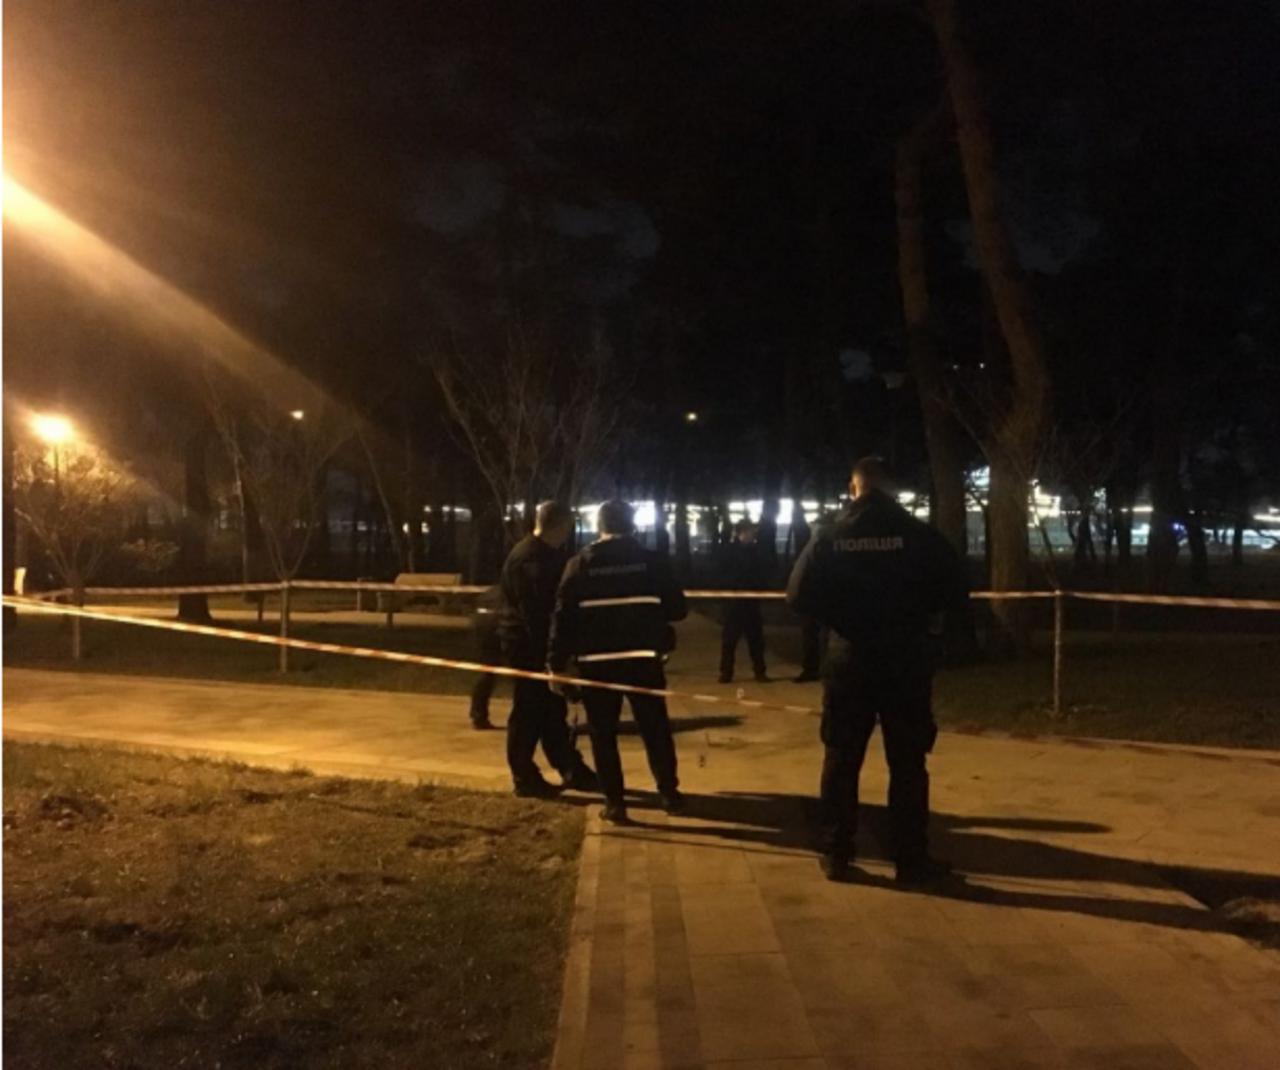 За минувшие выходные на Украине неизвестные взорвали уже третью гранату. На этот раз взрывное устройство кинули под ноги людям в парке